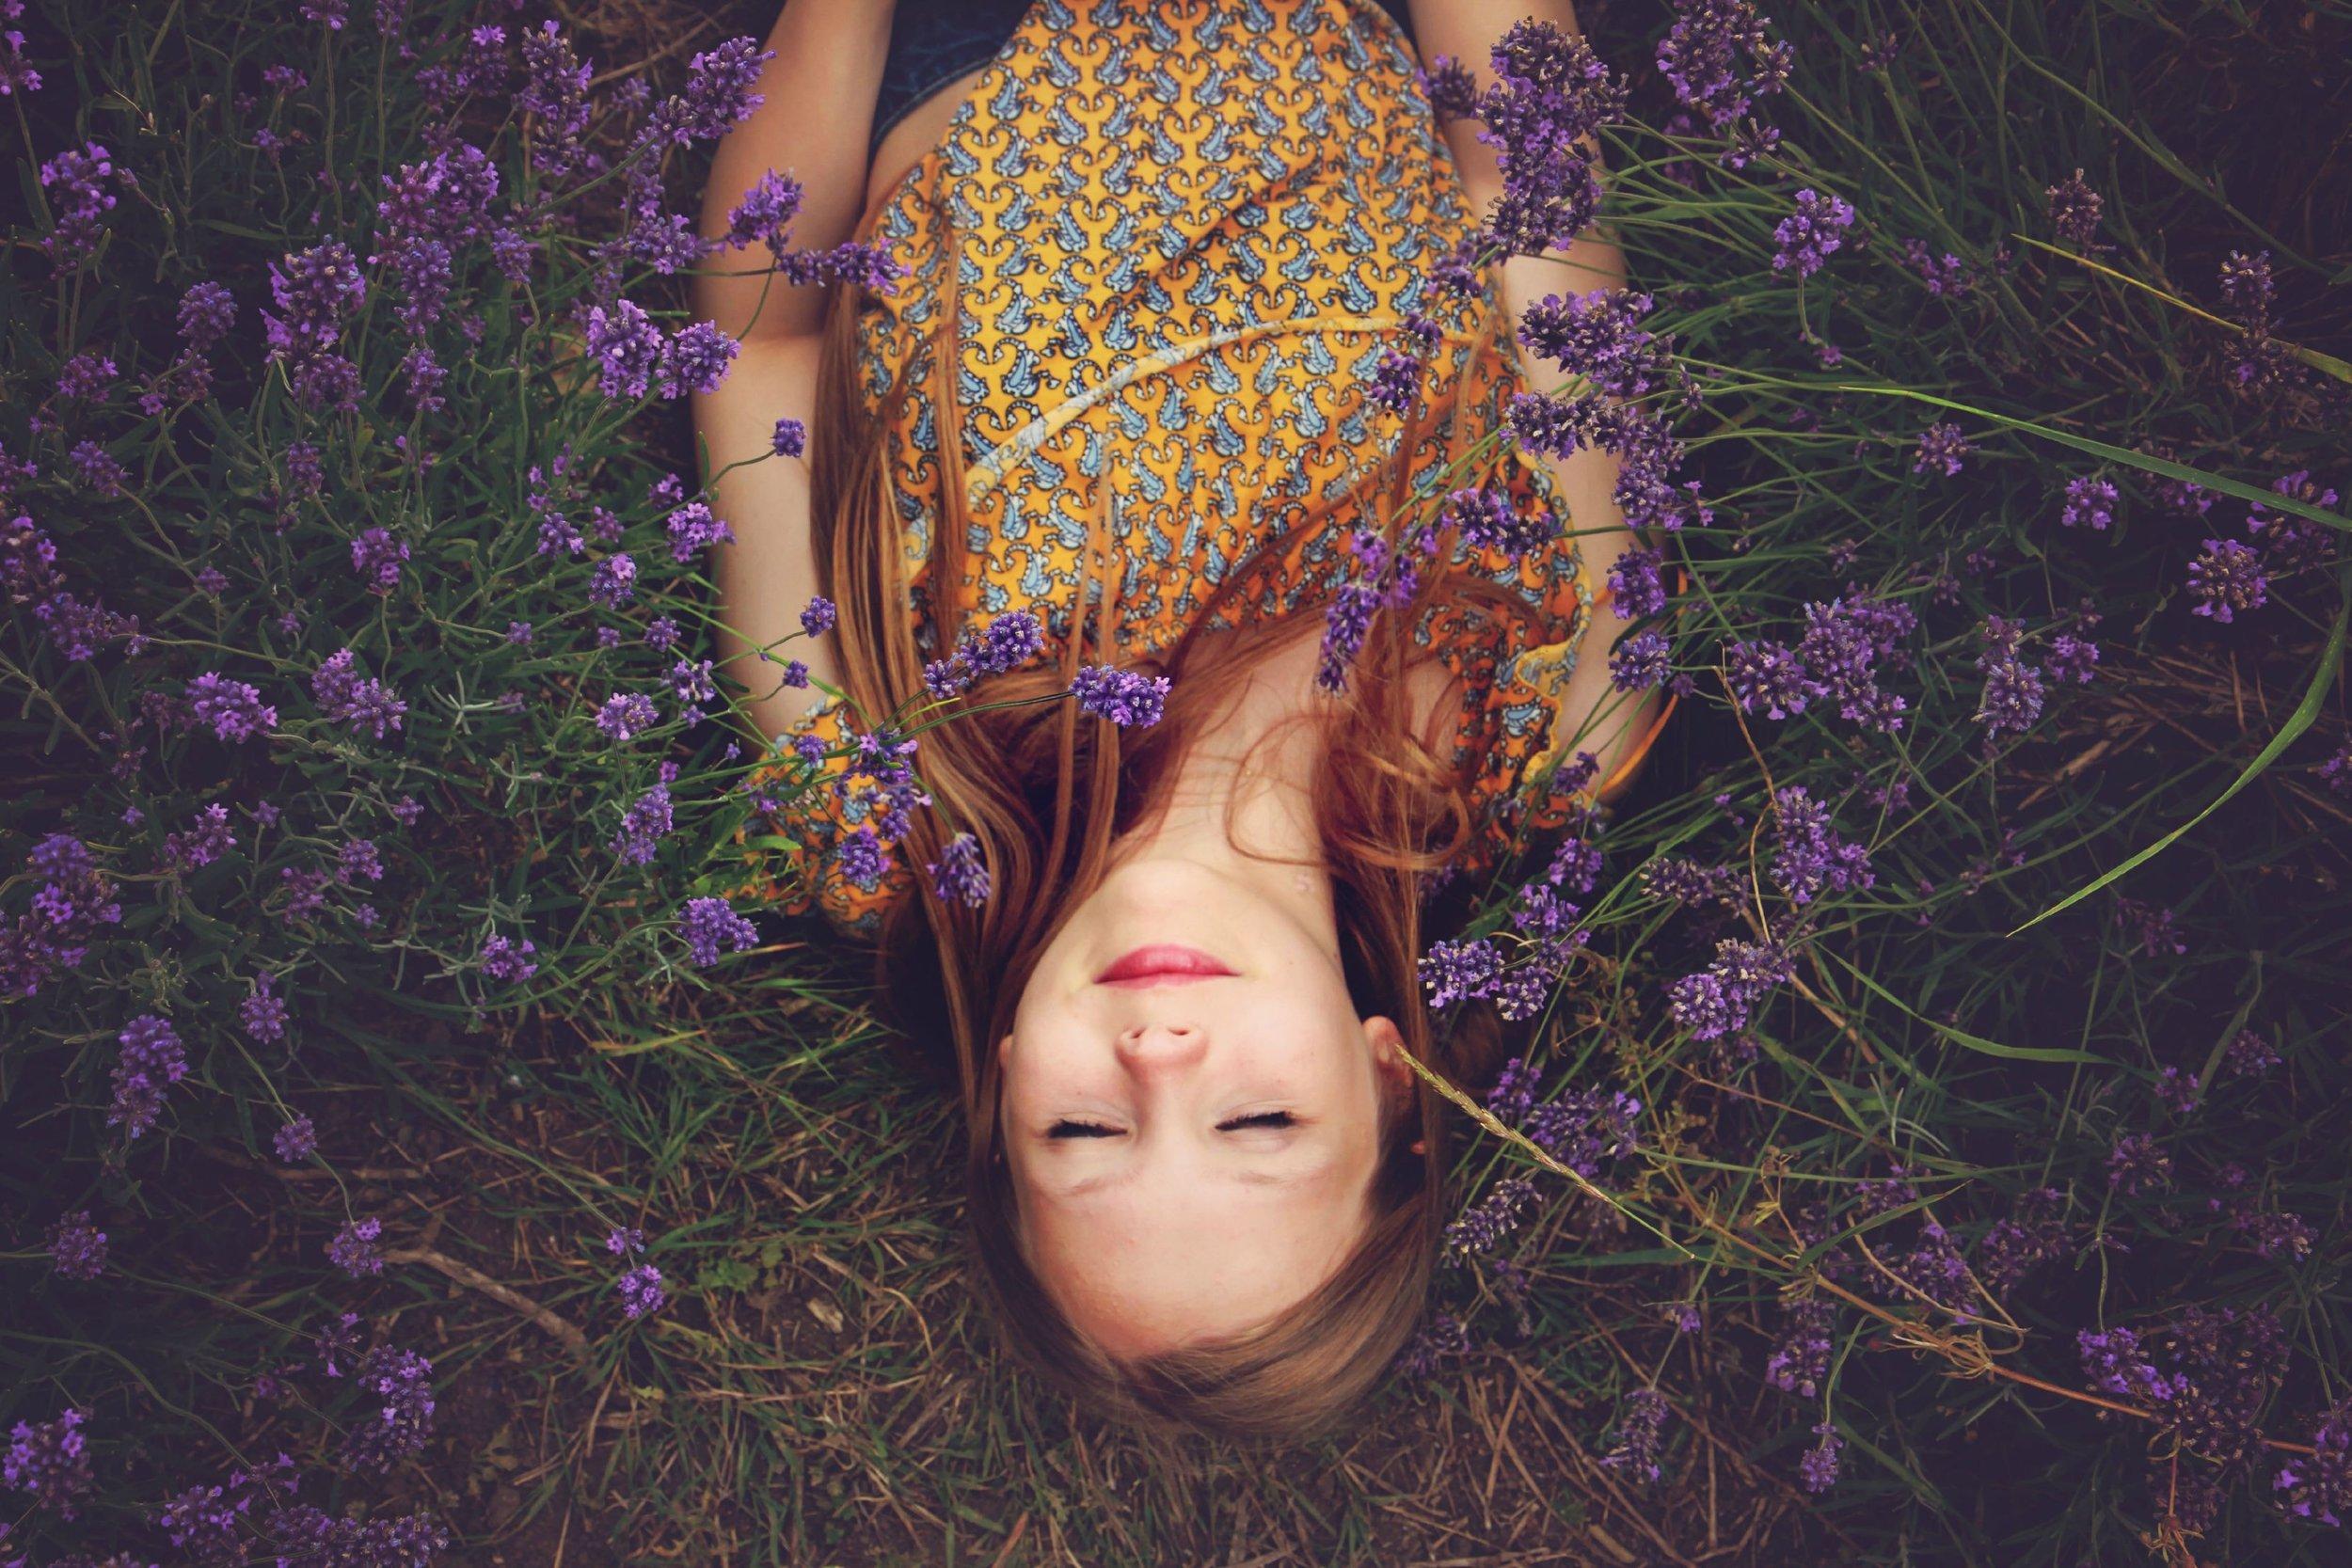 Photo: Amy Treasure/Unsplash